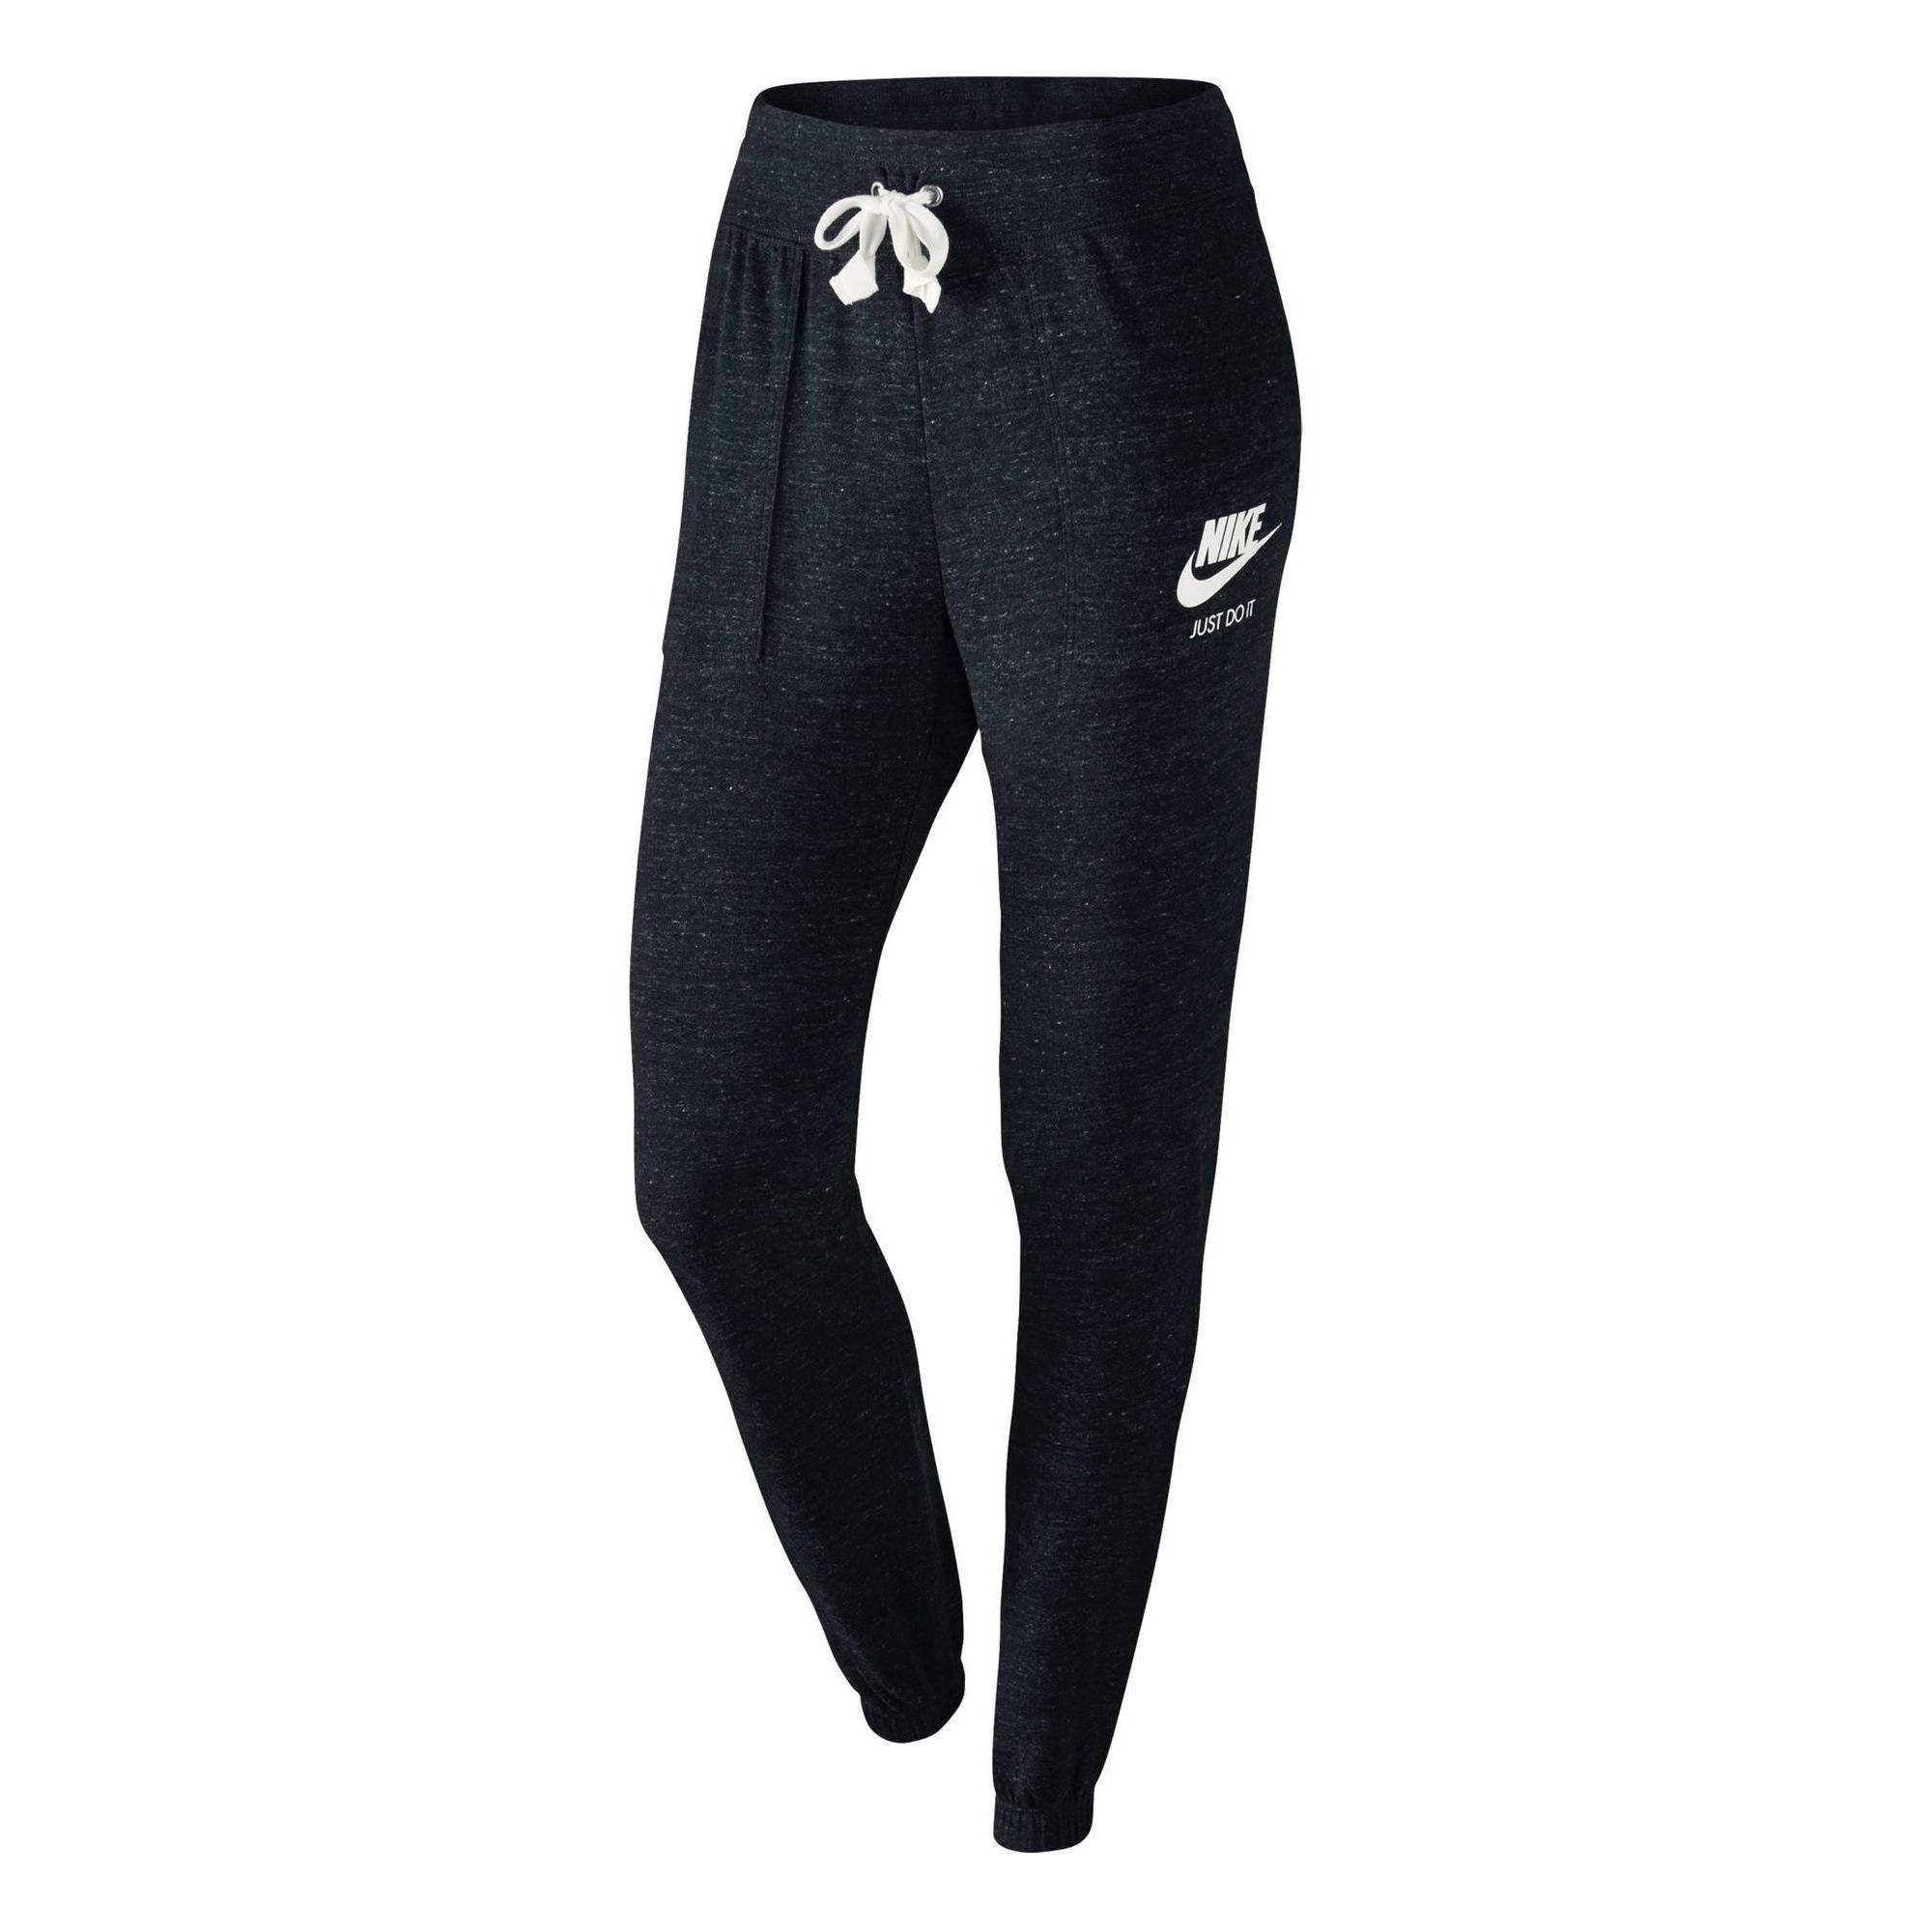 Nike NSW Gym Vintage Women's Pants Black/White/Sail 72606...